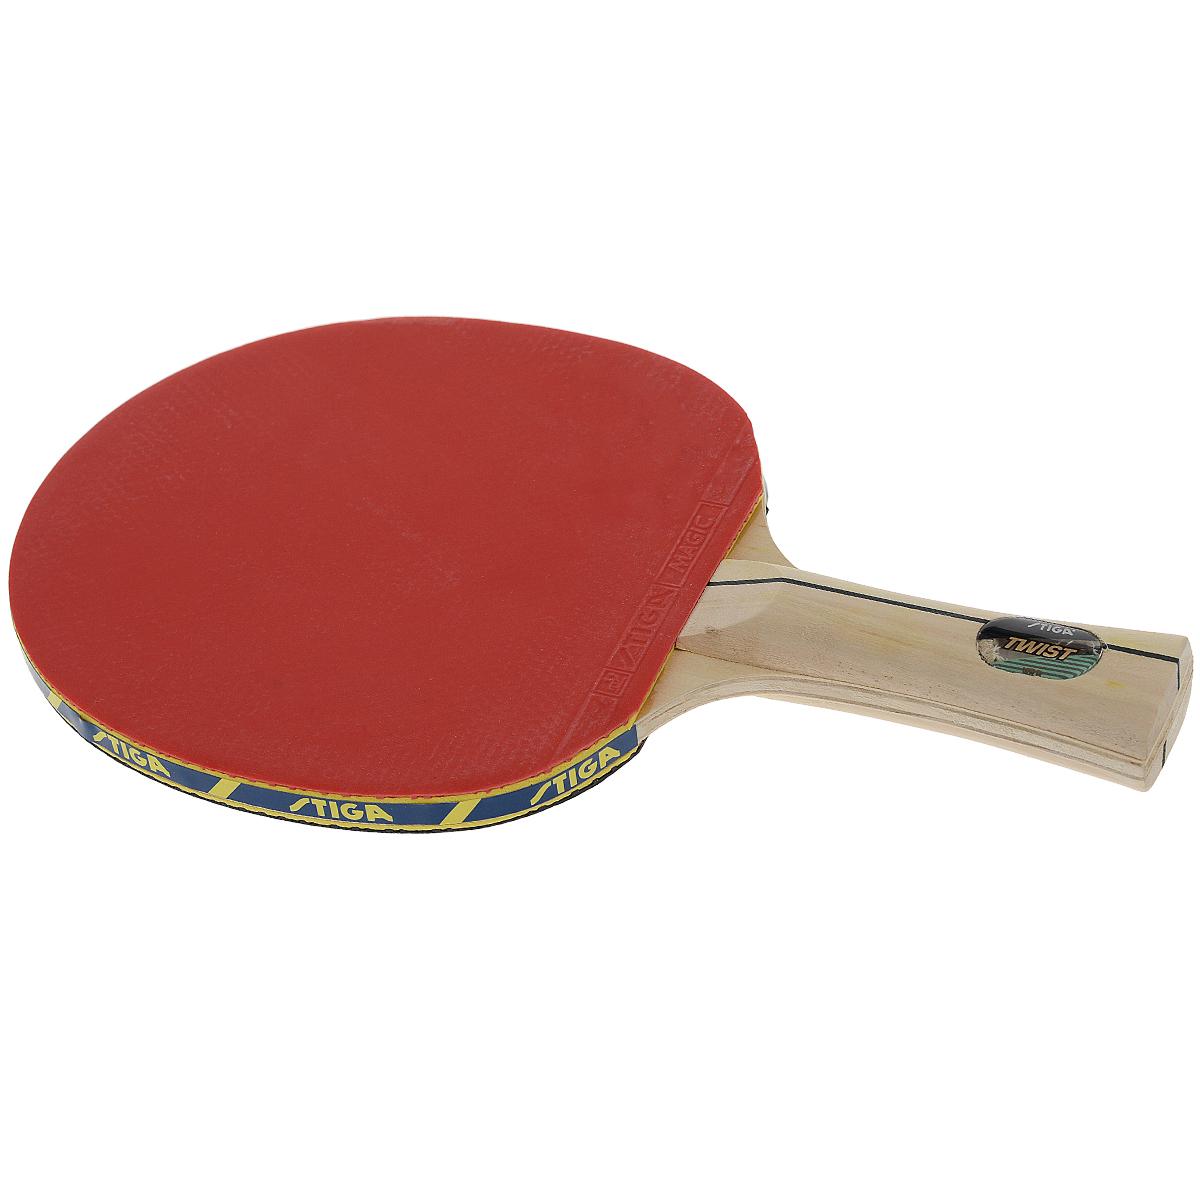 Ракетка для настольного тенниса Stiga Twist WRB26617Ракетка для настольного тенниса Stiga Twist WRB дает превосходное чувство мяча в сочетании с силой удара. Система WRB улучшает отскок, придает дополнительную силу удару и позволяет лучше чувствовать мяч.Основные характеристики:Контроль: 100.Скорость: 29.Кручение: 35.Характеристики указаны в расчете на диапазон от 0 до 100. Характеристики: Размер ракетки: 26 см х 15 см. Длина ручки: 10 см. Материал: дерево, резина. Размер упаковки: 26 см х 15 см х 2 см. Производитель: Китай. Артикул: 26617.